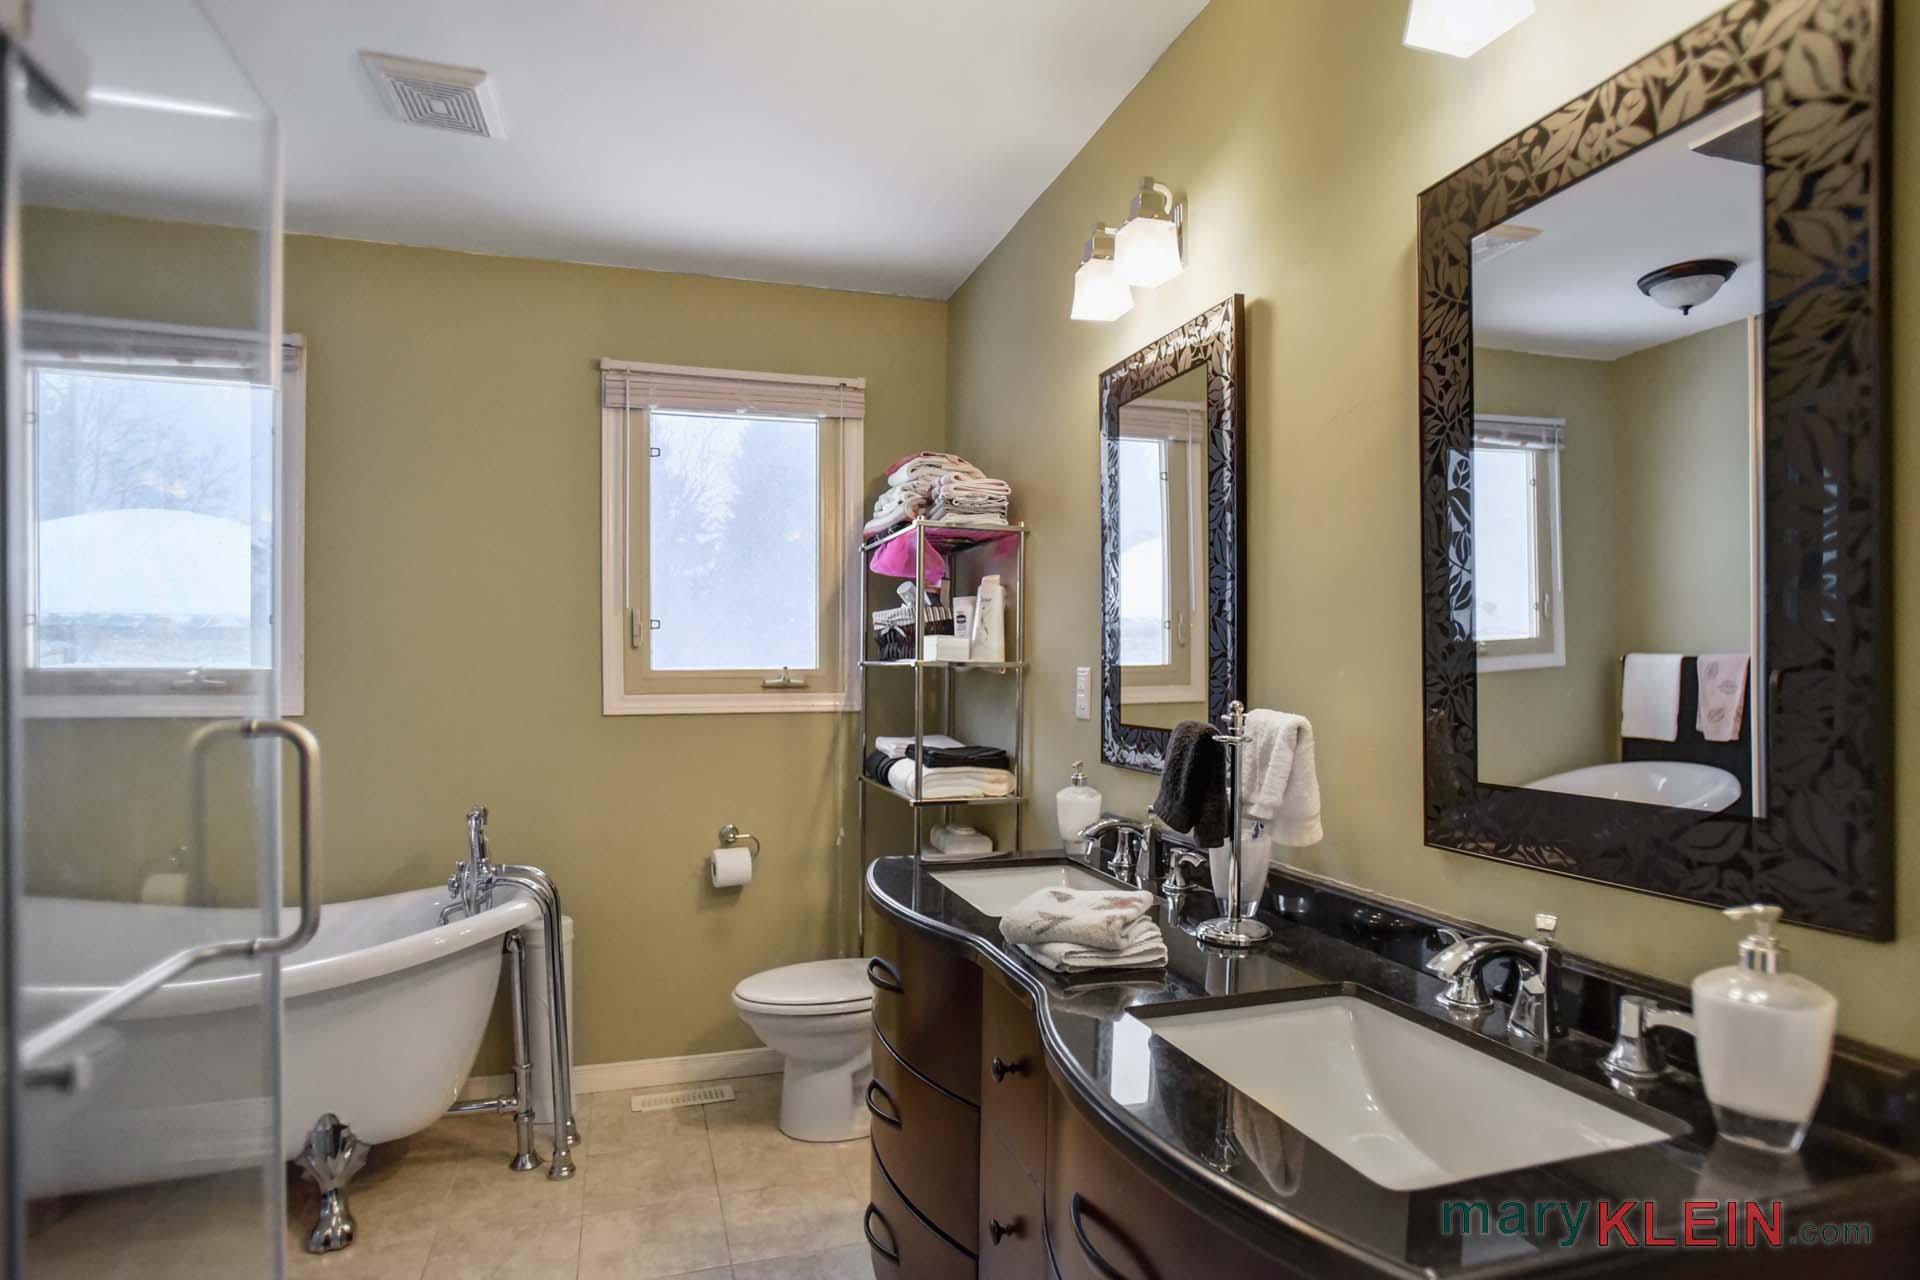 Semi-Ensuite 5 Piece Bathroom